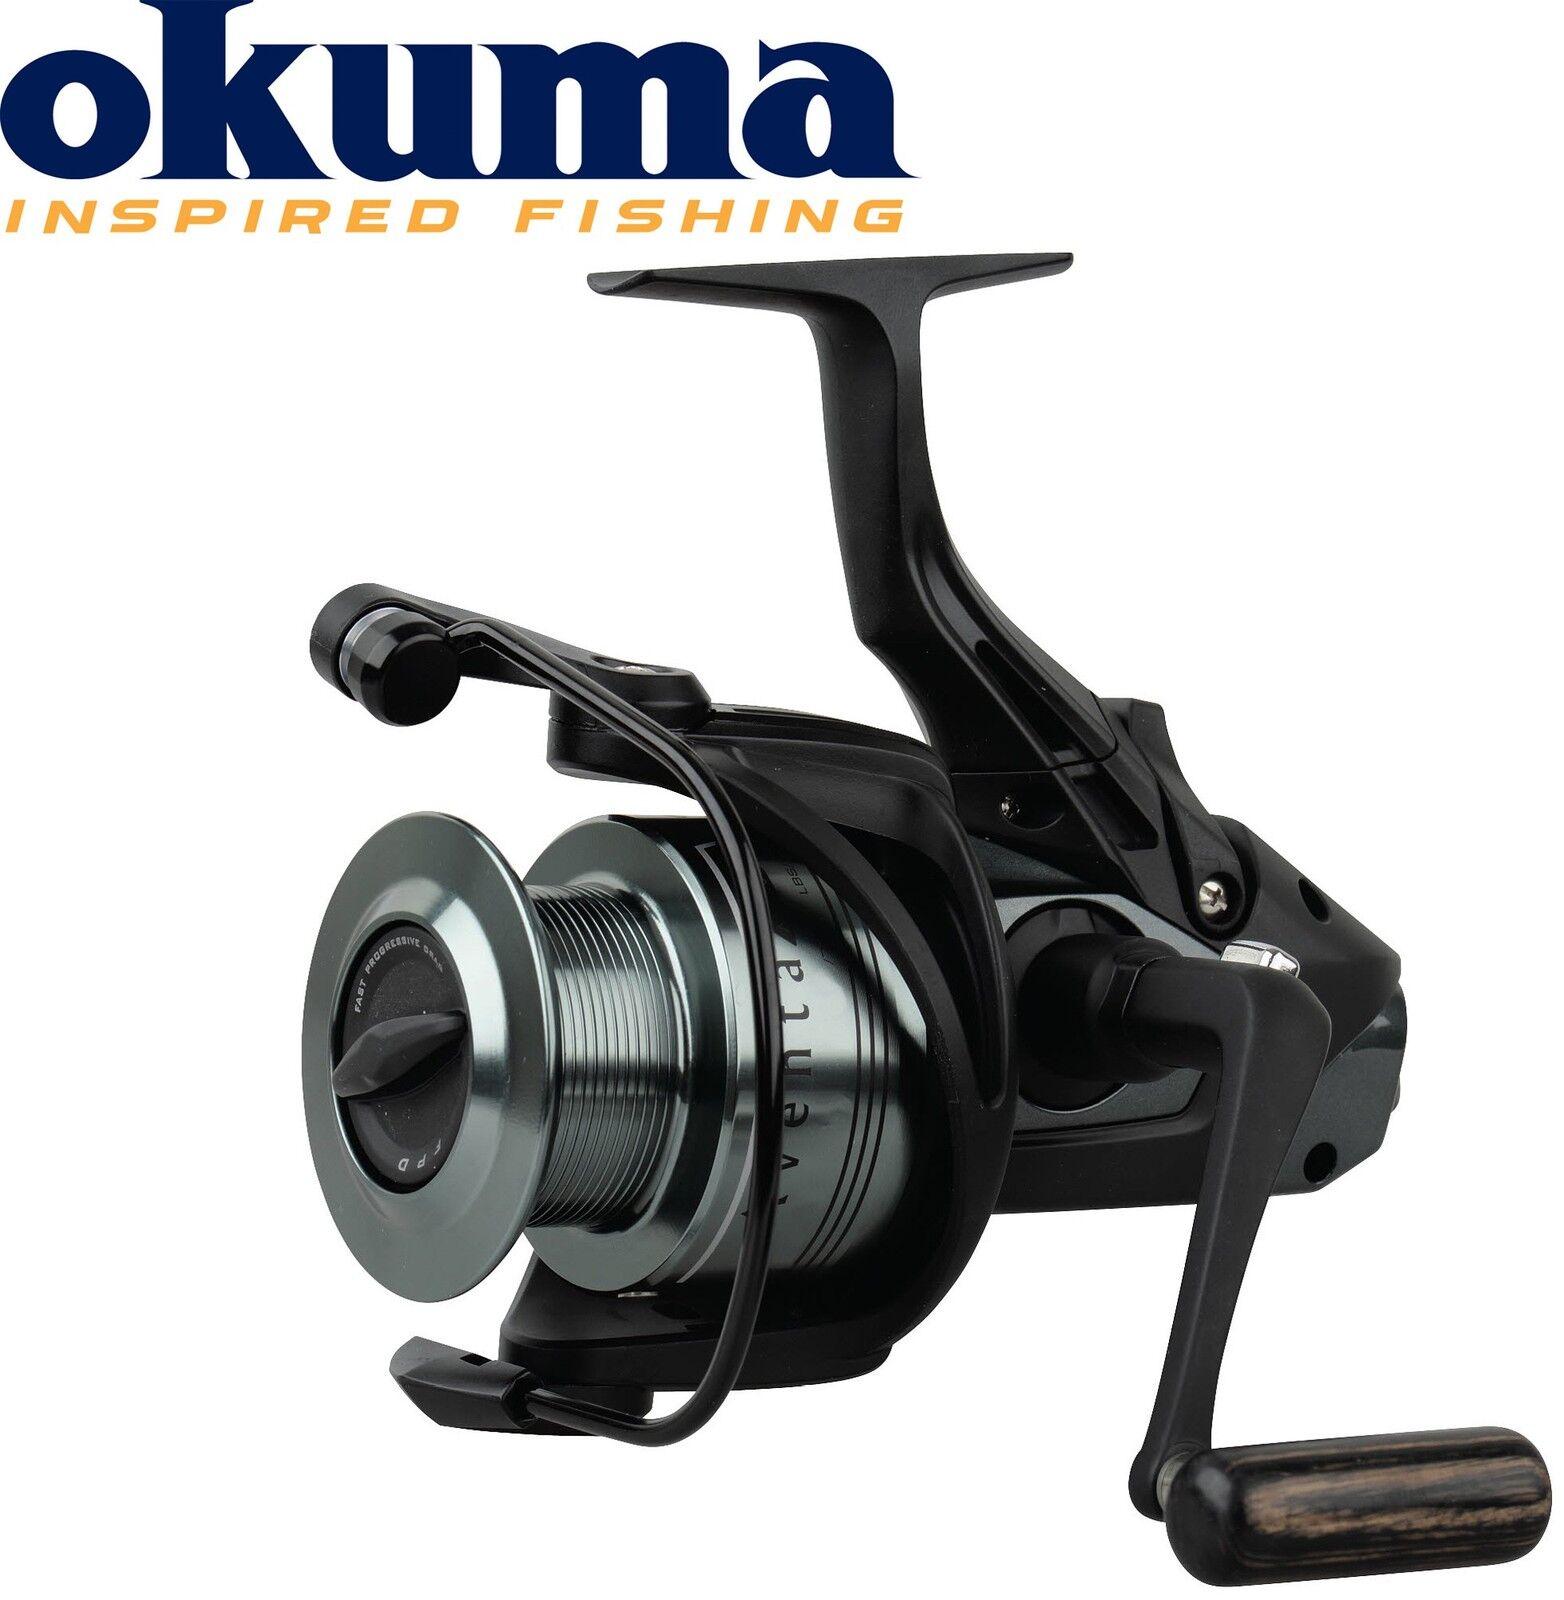 Okuma Aventa Baitfeeder AB-10000 AB-10000 AB-10000 – Stationärrolle mit Freilauf für Karpfen eb2ebc